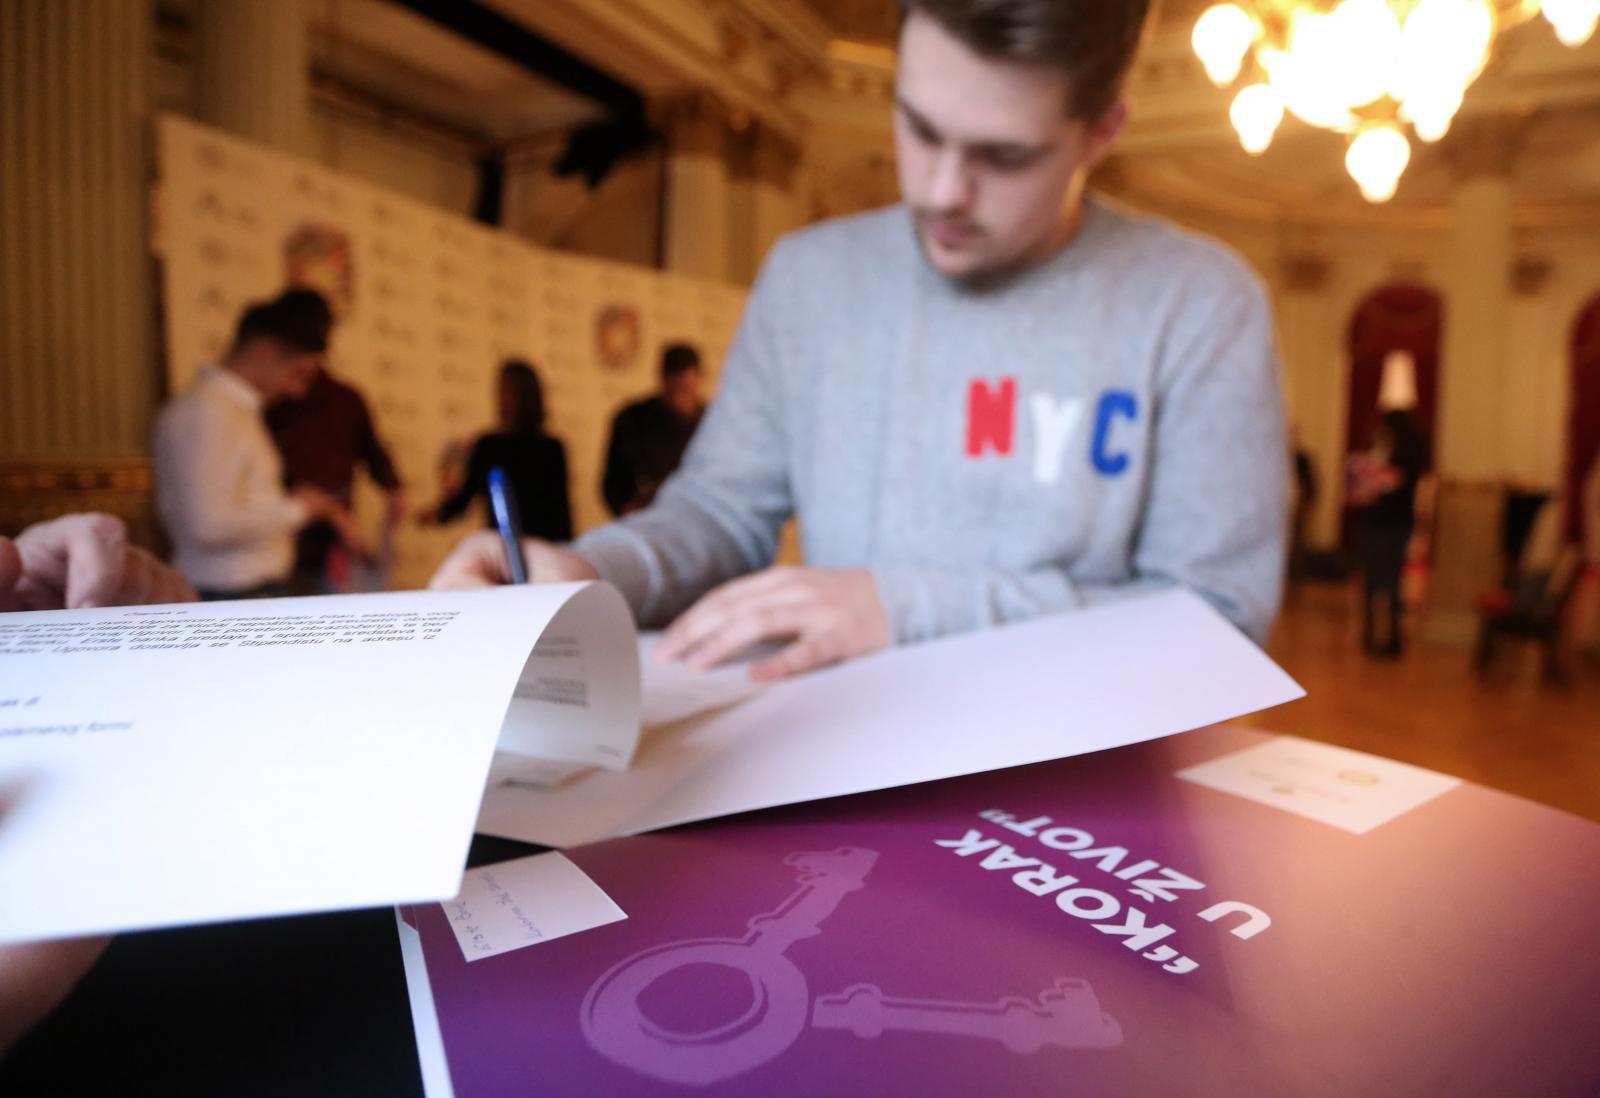 Akcijoa Korak u život do sada je osigurala više od 220 pojedinačnih stipendija.